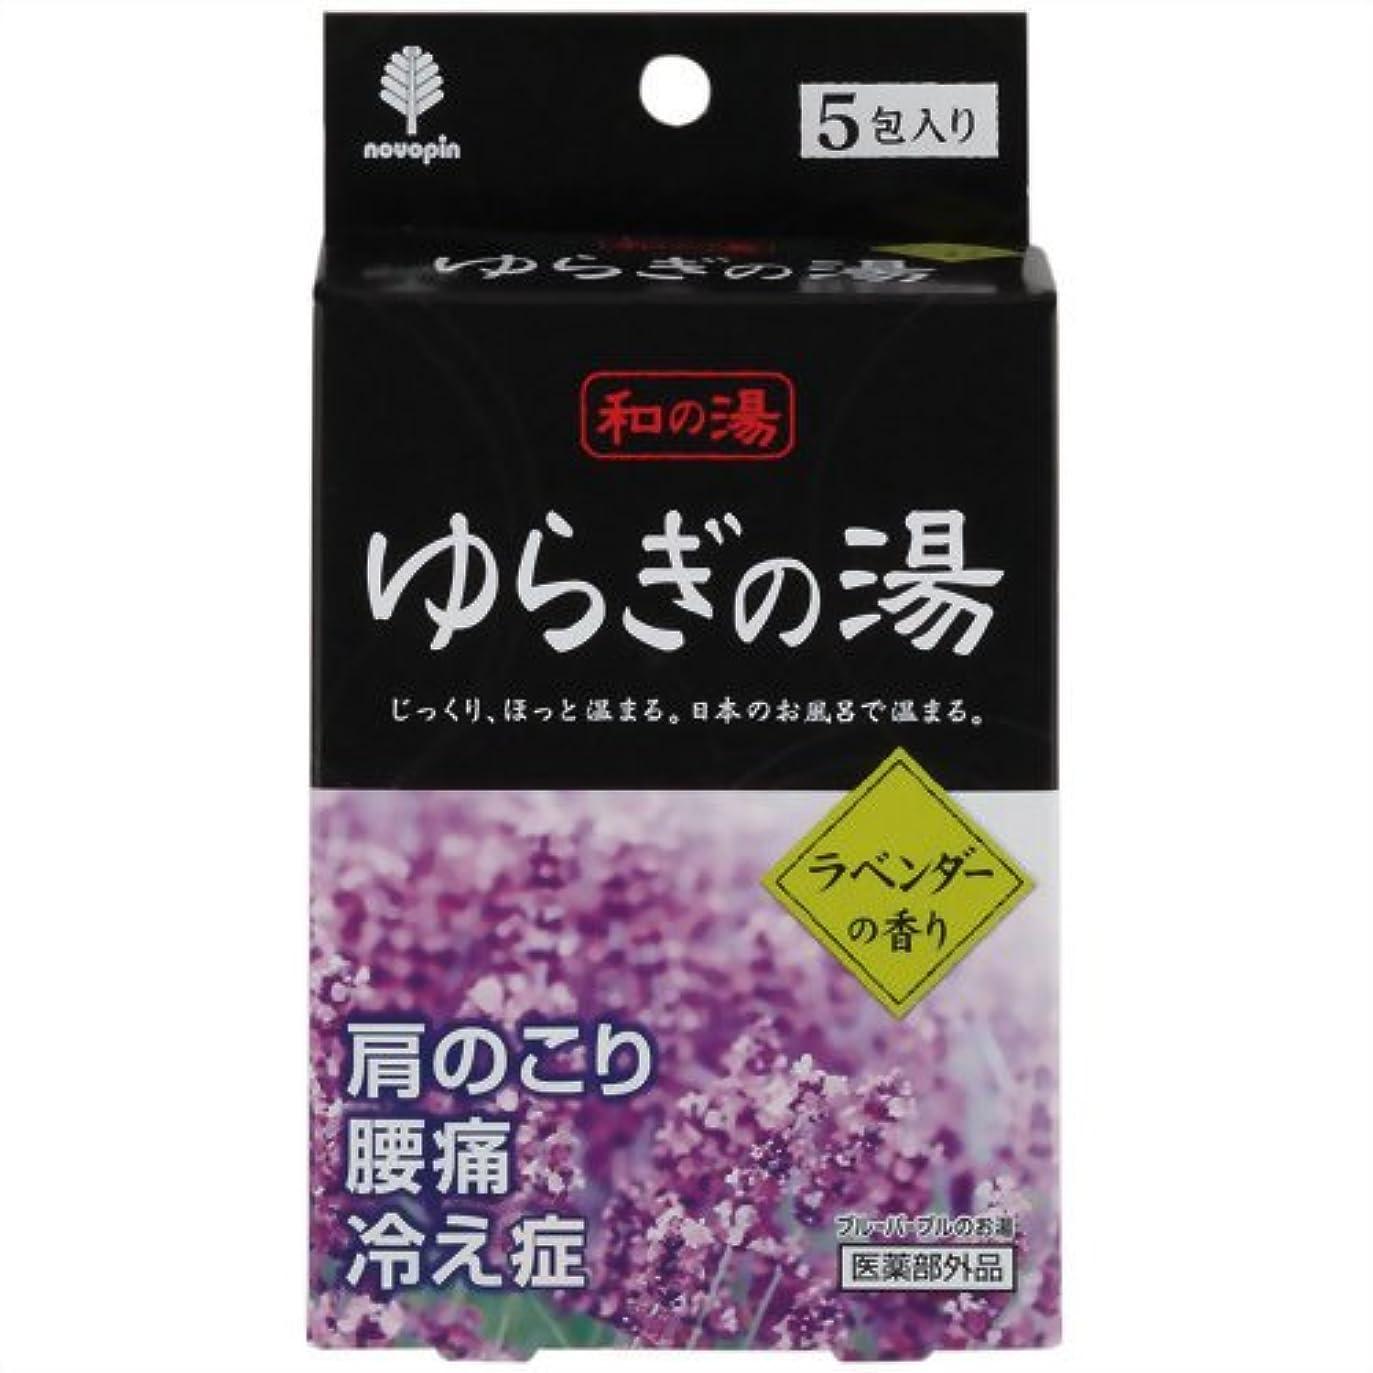 病院過敏な新鮮な和の湯 ゆらぎの湯 ラベンダーの香り